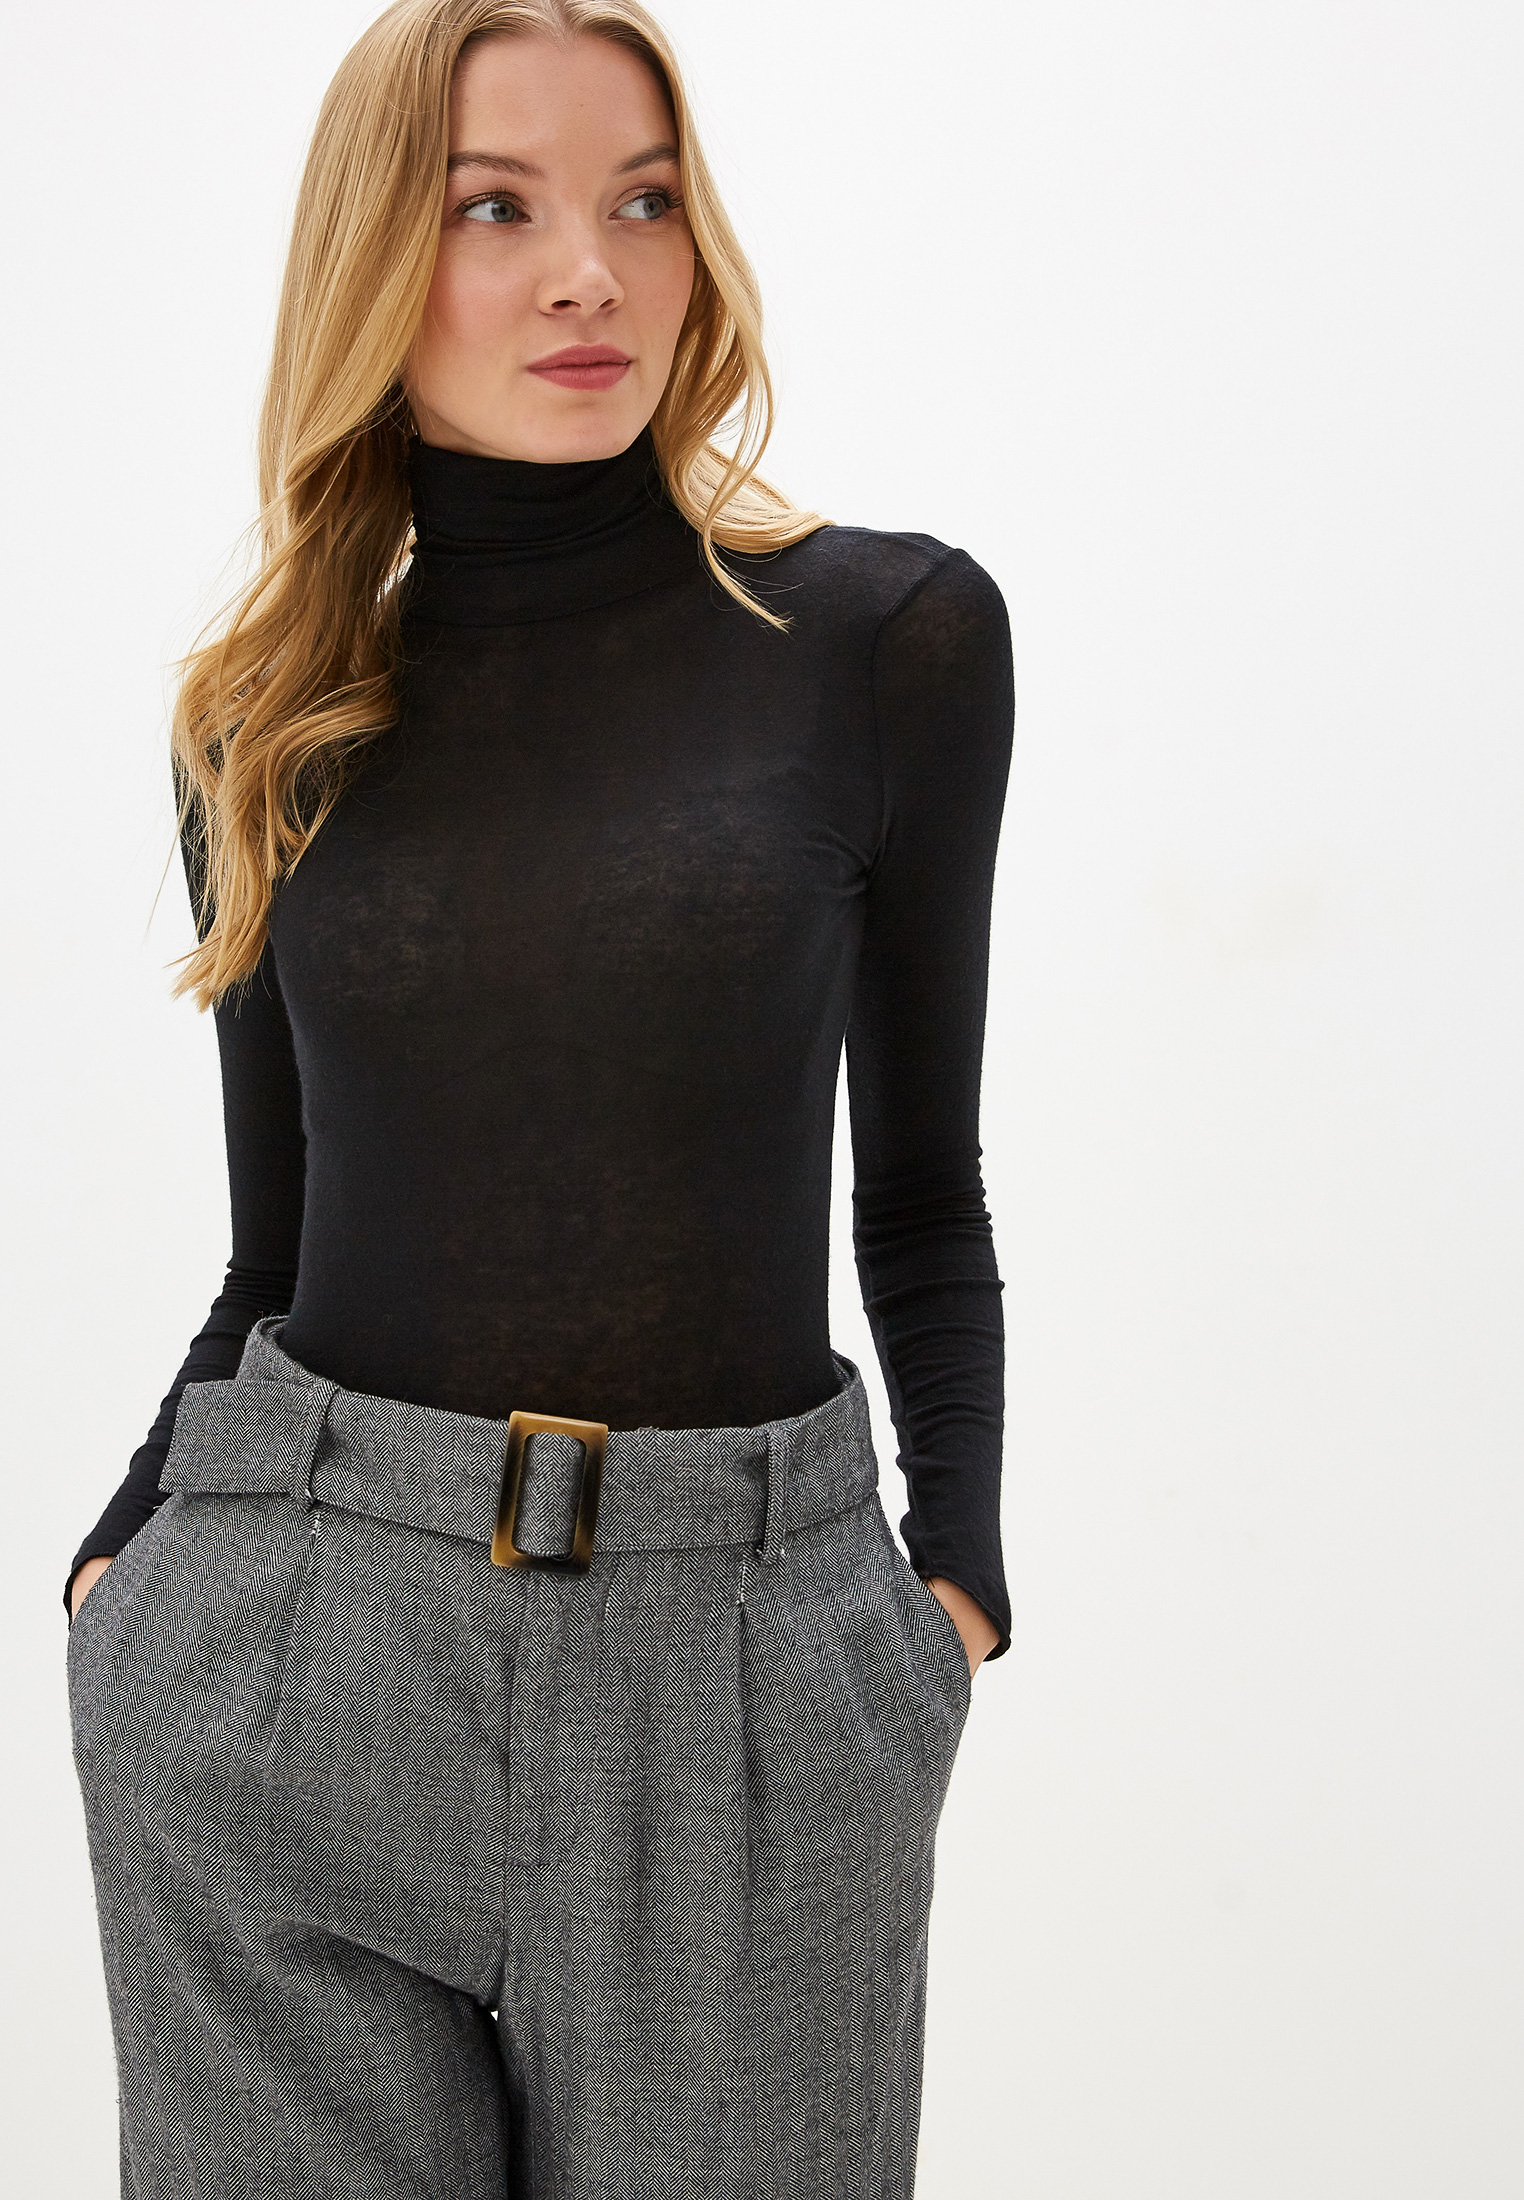 Водолазка, Intimissimi, цвет: черный. Артикул: MP002XW0E9WN. Одежда / Джемперы, свитеры и кардиганы